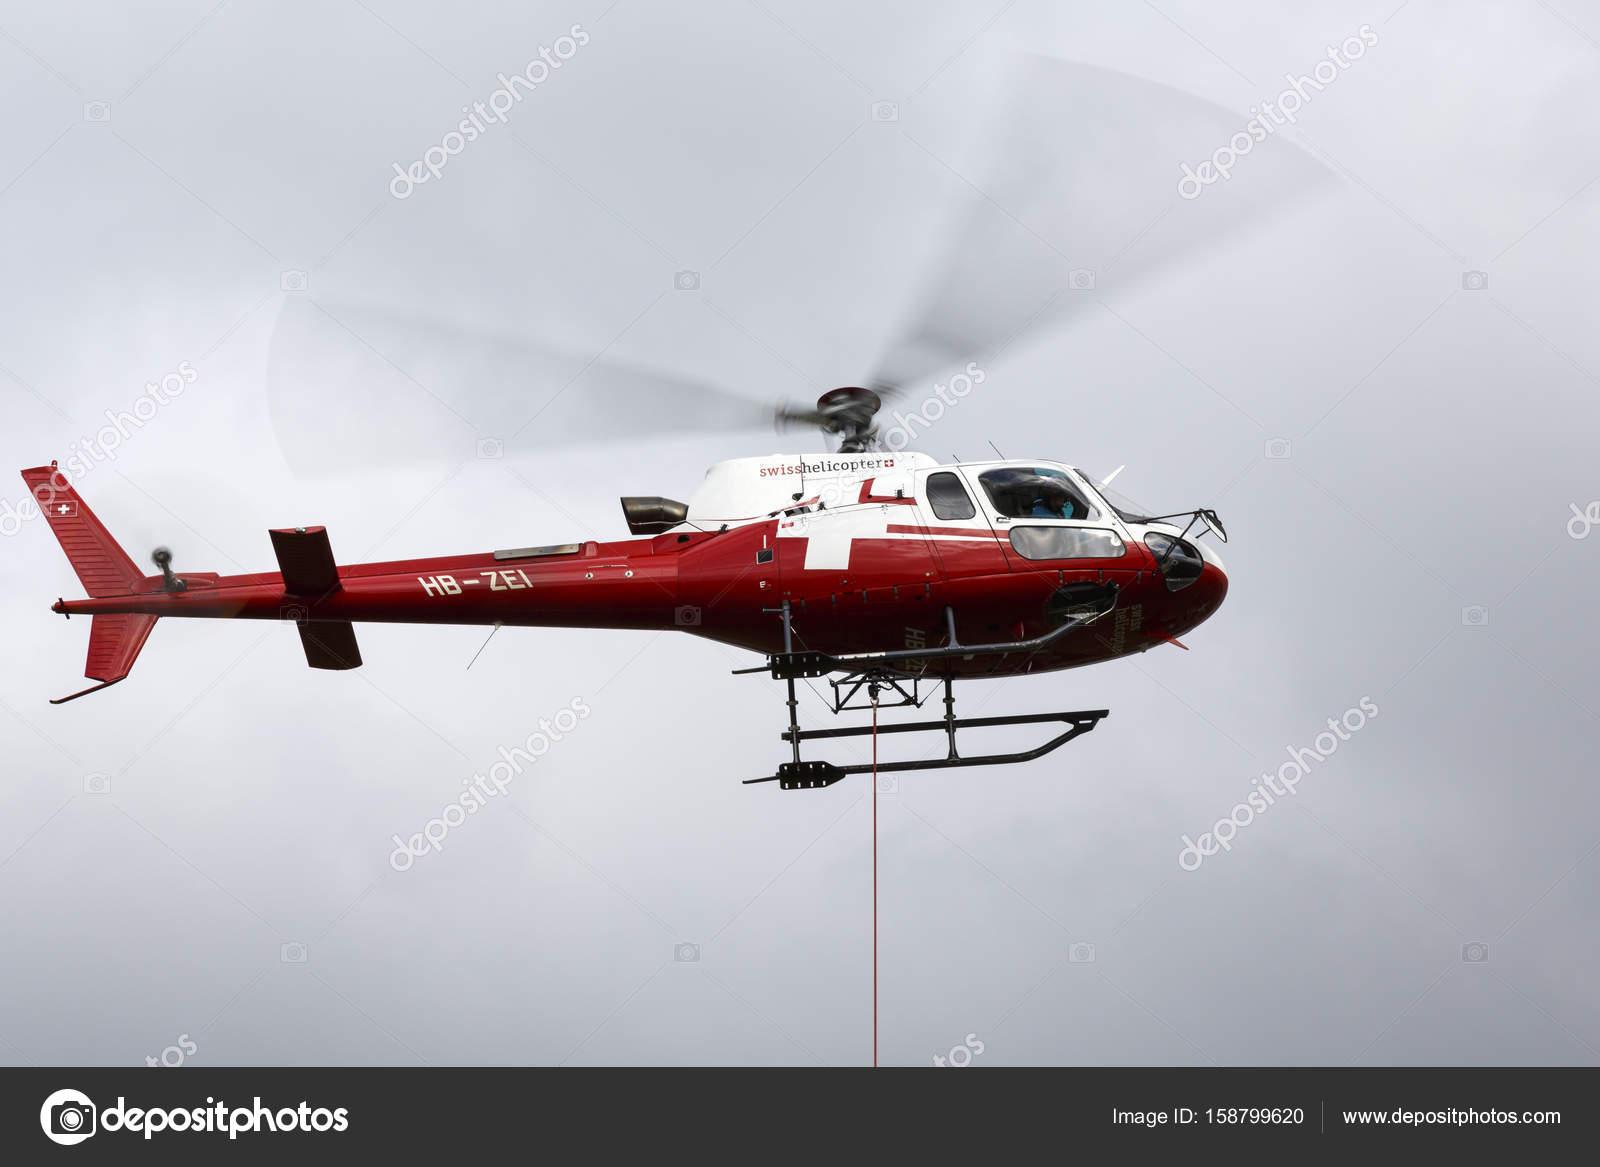 Elicottero B3 : La compagnia aerea swiss elicottero eurocopter u foto editoriale